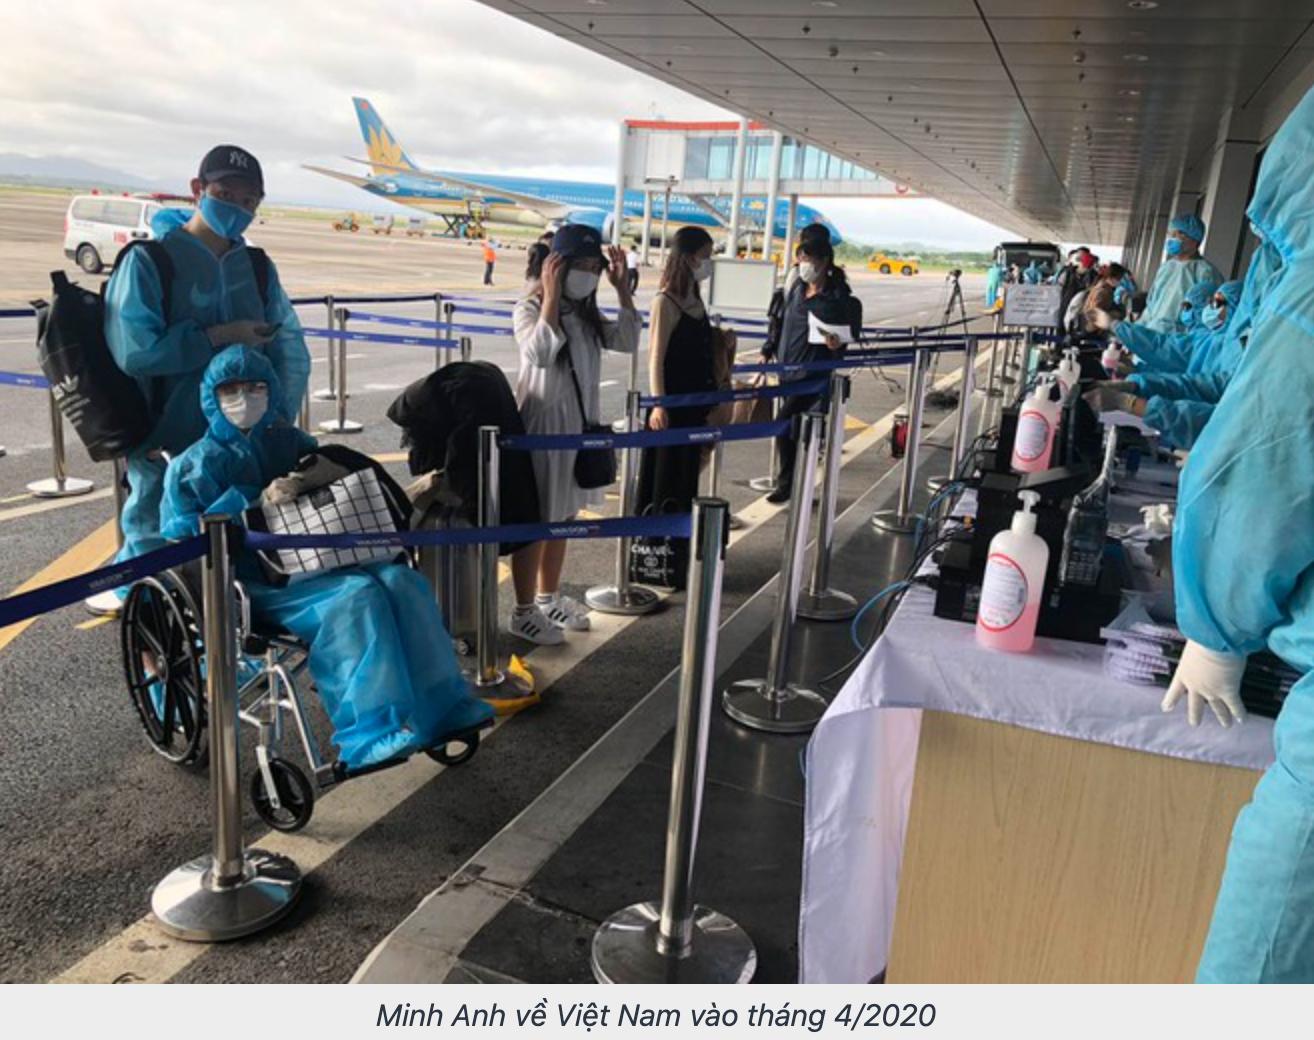 Minh Anh về Việt Nam vào tháng 4/2020